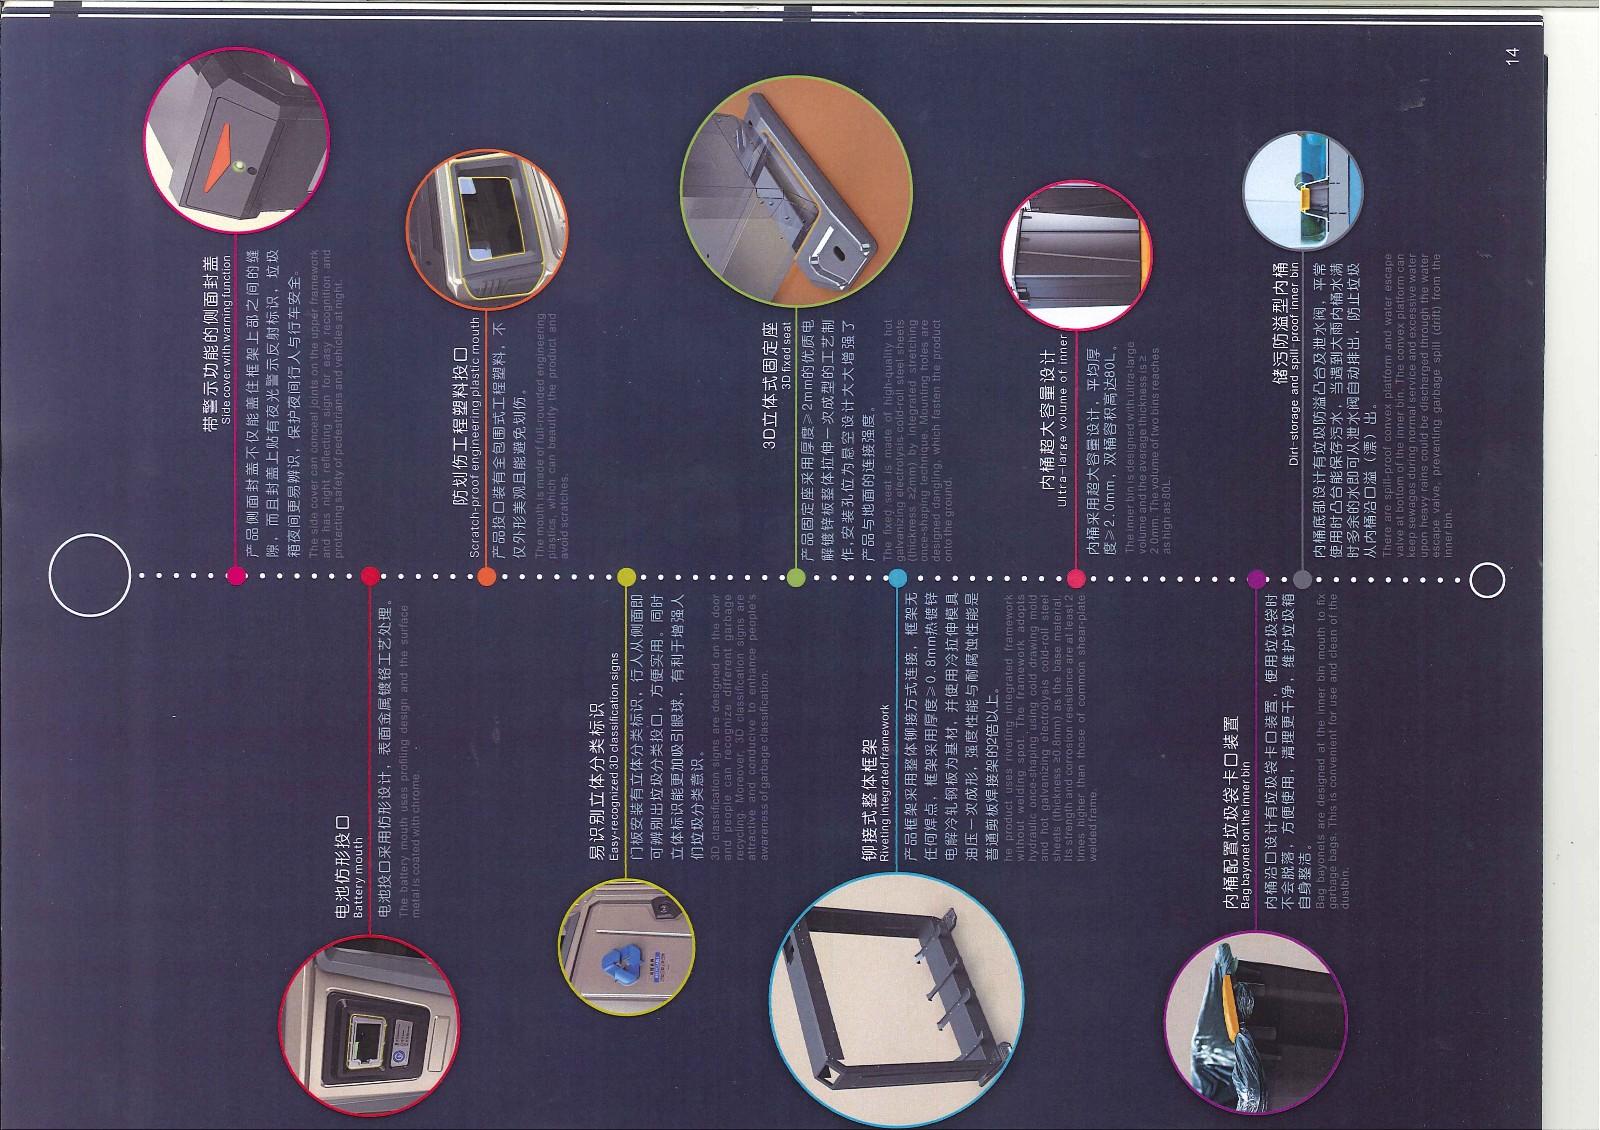 智能垃圾箱监管系统是建立在智能垃圾箱、GPS卫星定位和无线网络技术上的信息化智能管理系统。系统能实现对智能垃圾箱的管理、监视、定位及智能报警等功能。智能垃圾箱采用微电脑控制芯片,首创配置热能感应、红外线探测和GPS卫星定位装置,采用太阳能发电和智能报警等多种高科技于一体的新型高度智能化垃圾箱。智能垃圾箱采用太阳能光伏技术,通过光学元件将太阳能转化为电能,供给驱动系统,当有多余为使用的电能,便将电能储存在蓄能电池中,在没有太阳能的时间段可以保持系统的正常运行。 智能垃圾桶功能介绍: 1 、智能垃圾箱管理 系